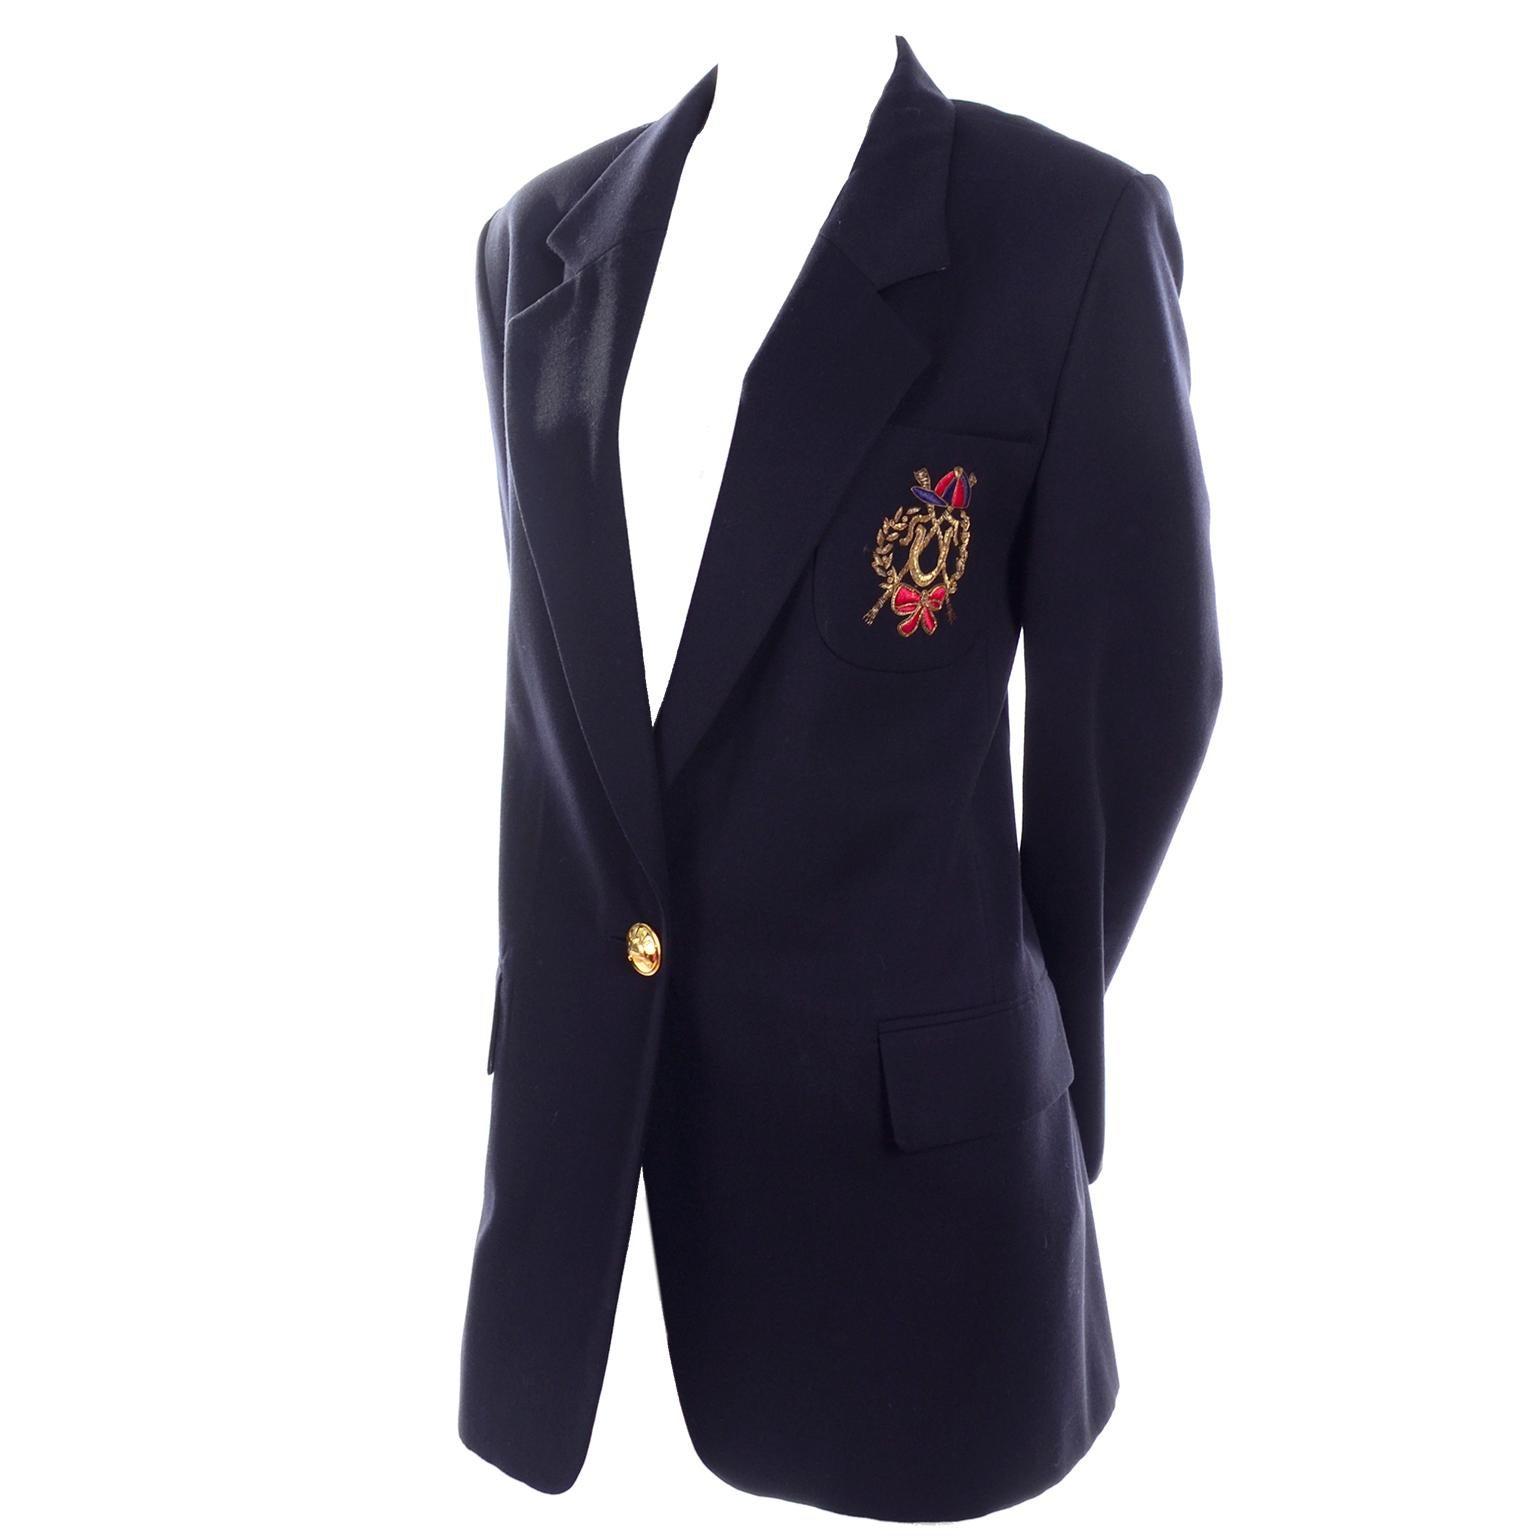 0162b8e2f856f Vintage Escada Margaretha Ley Clothing - 45 For Sale at 1stdibs